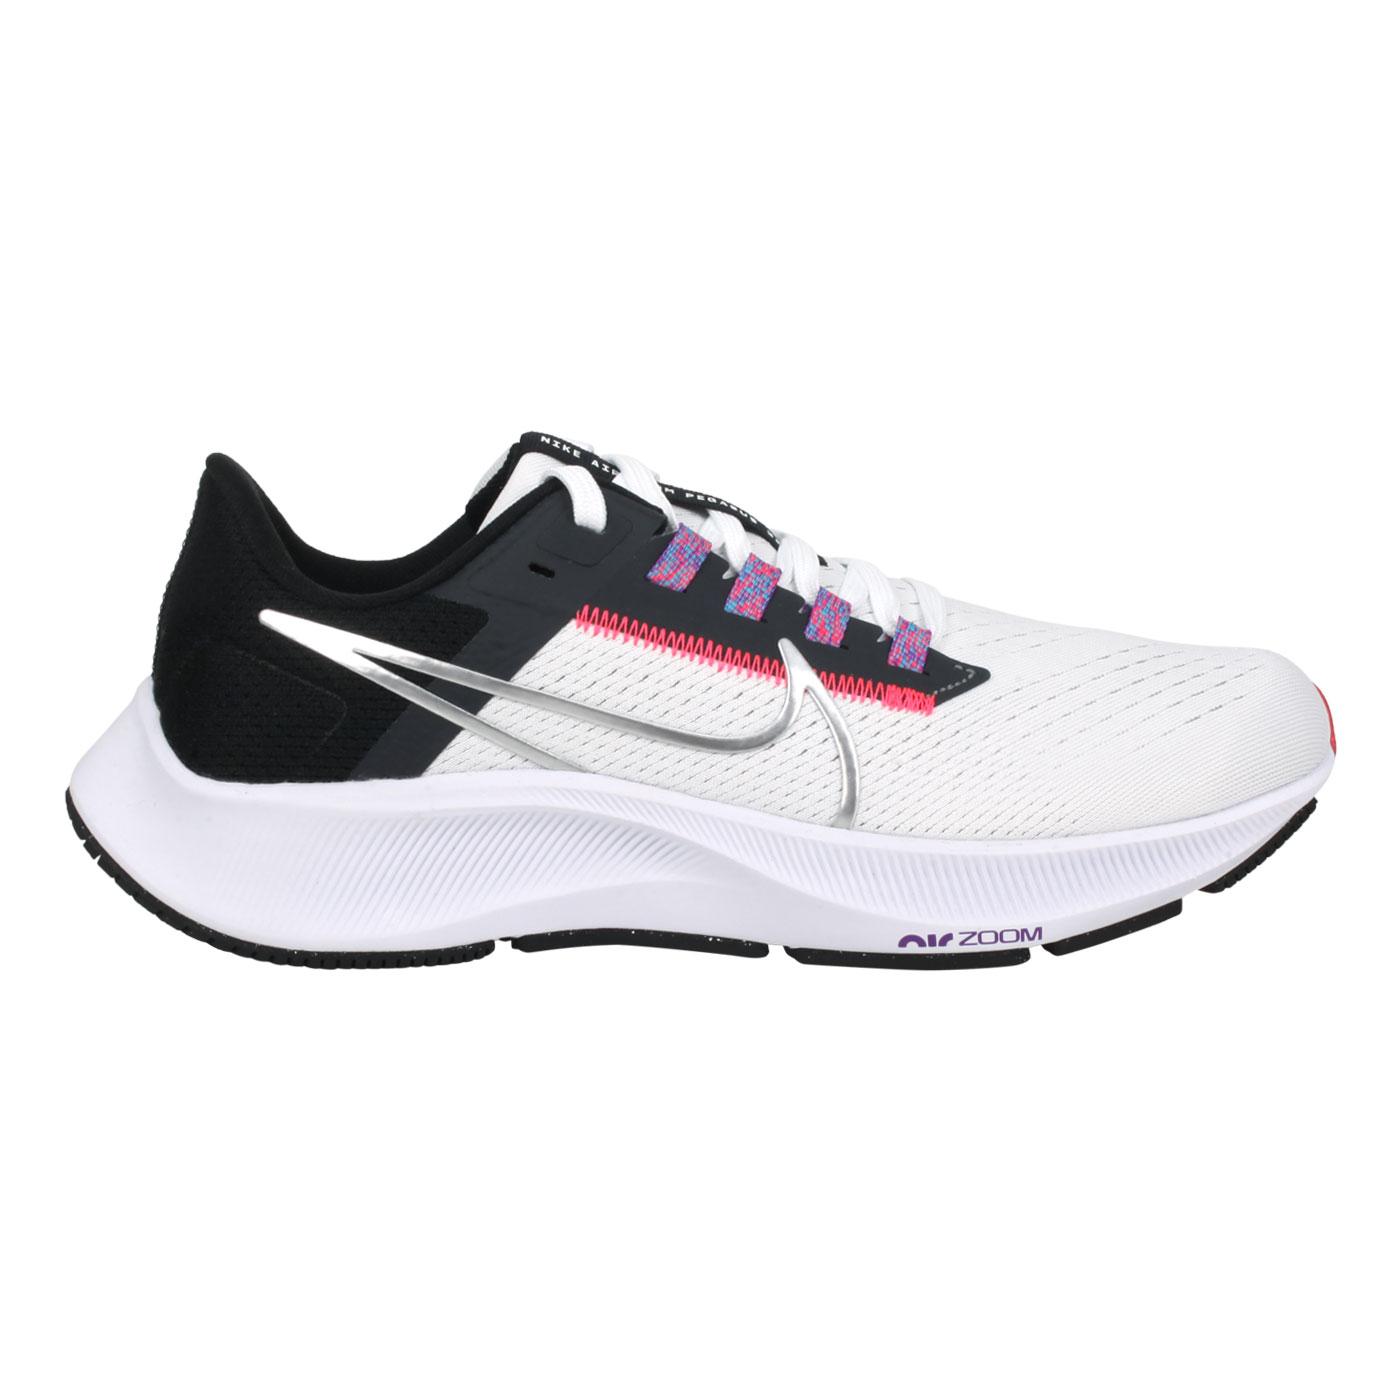 NIKE 女款運動慢跑鞋  @WMNS AIR ZOOM PEGASUS 38@CW7358101 - 白黑粉紫